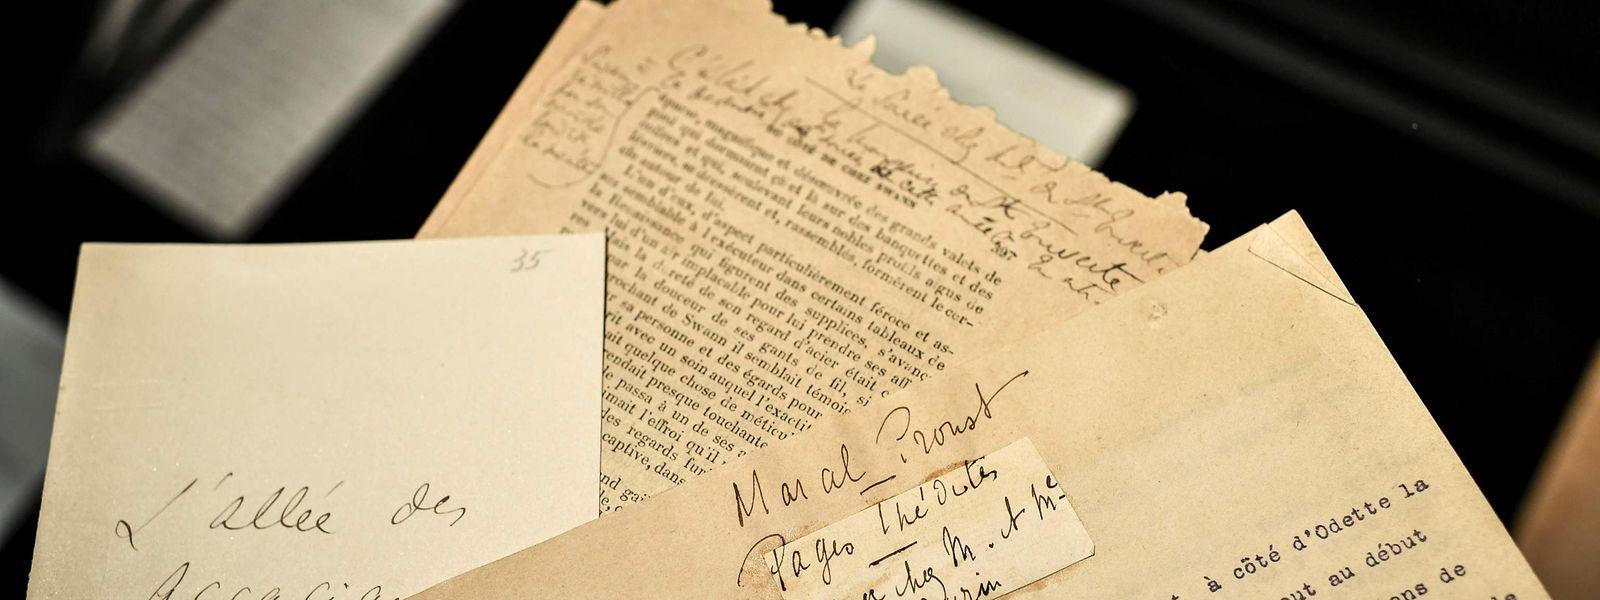 Einer der handgeschrieben Briefe von Marcel Proust an seinen Freund, den Kunstkritiker René Blum.